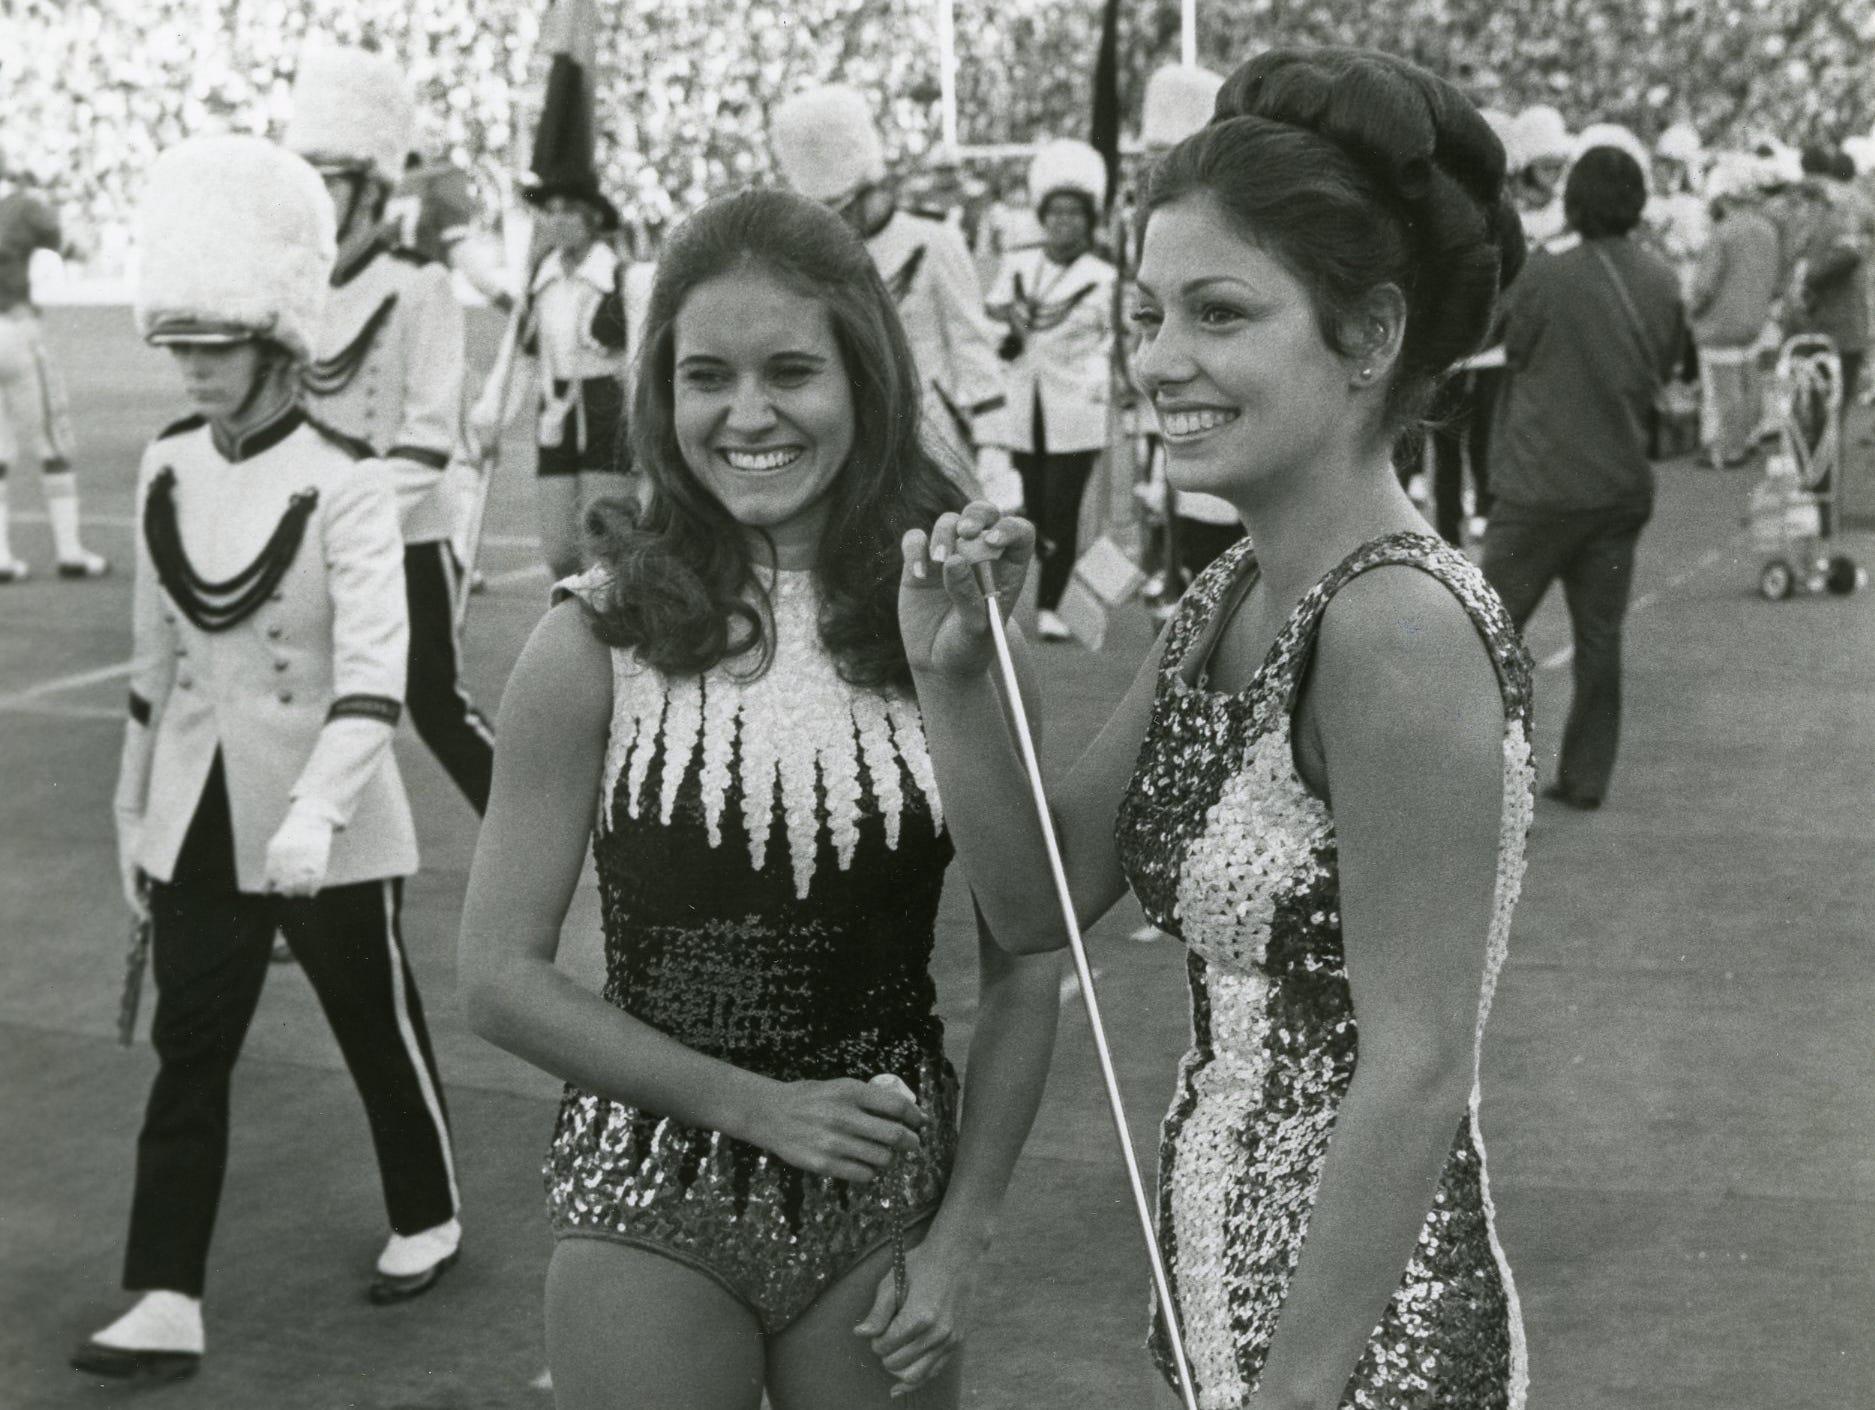 Vandy majorette Donette Foster and UT majorette Melinda Ortelanni, December, 1973.